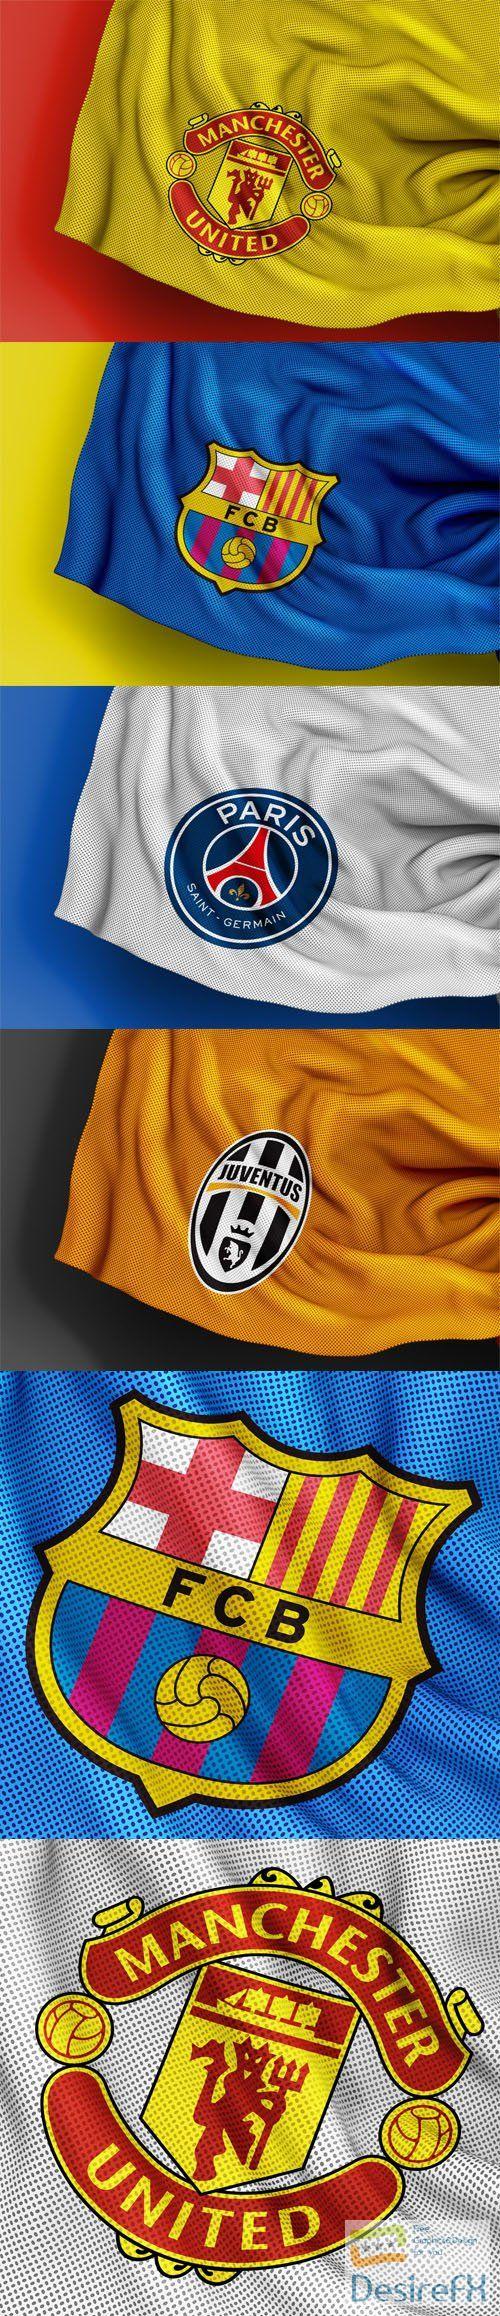 Sport Jersey Texture Logo PSD Mockups Templates